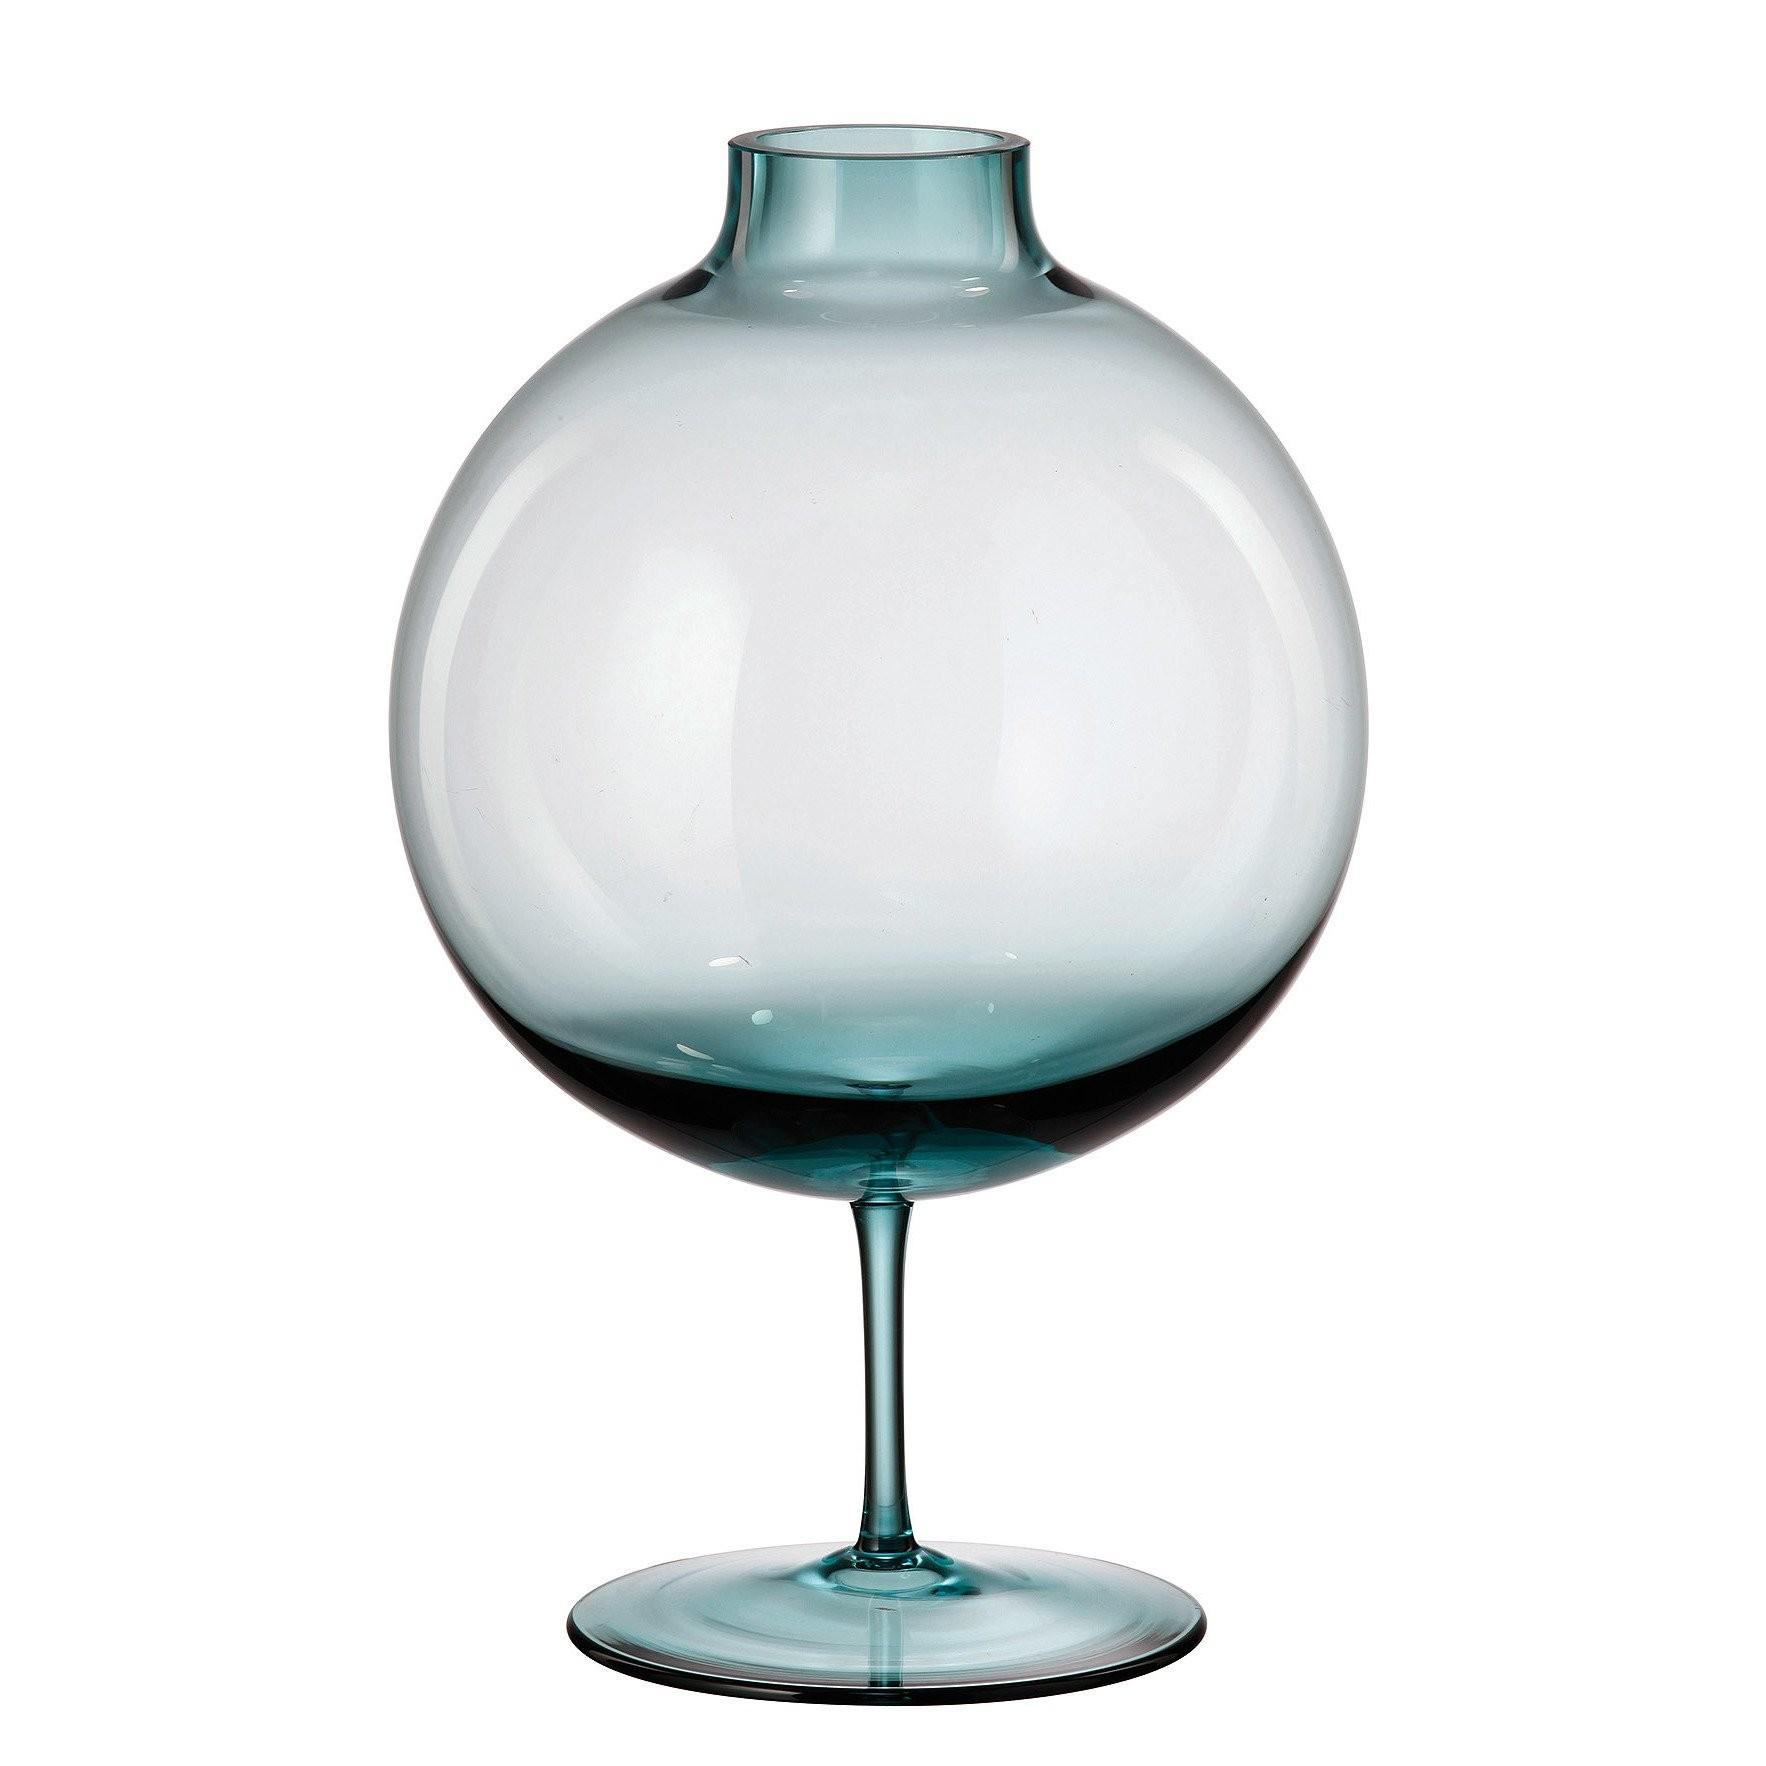 Βαζό Aspire Aqua Bohemia Κρυστάλλινο 27cm home   κρυσταλλα  διακοσμηση   κρύσταλλα